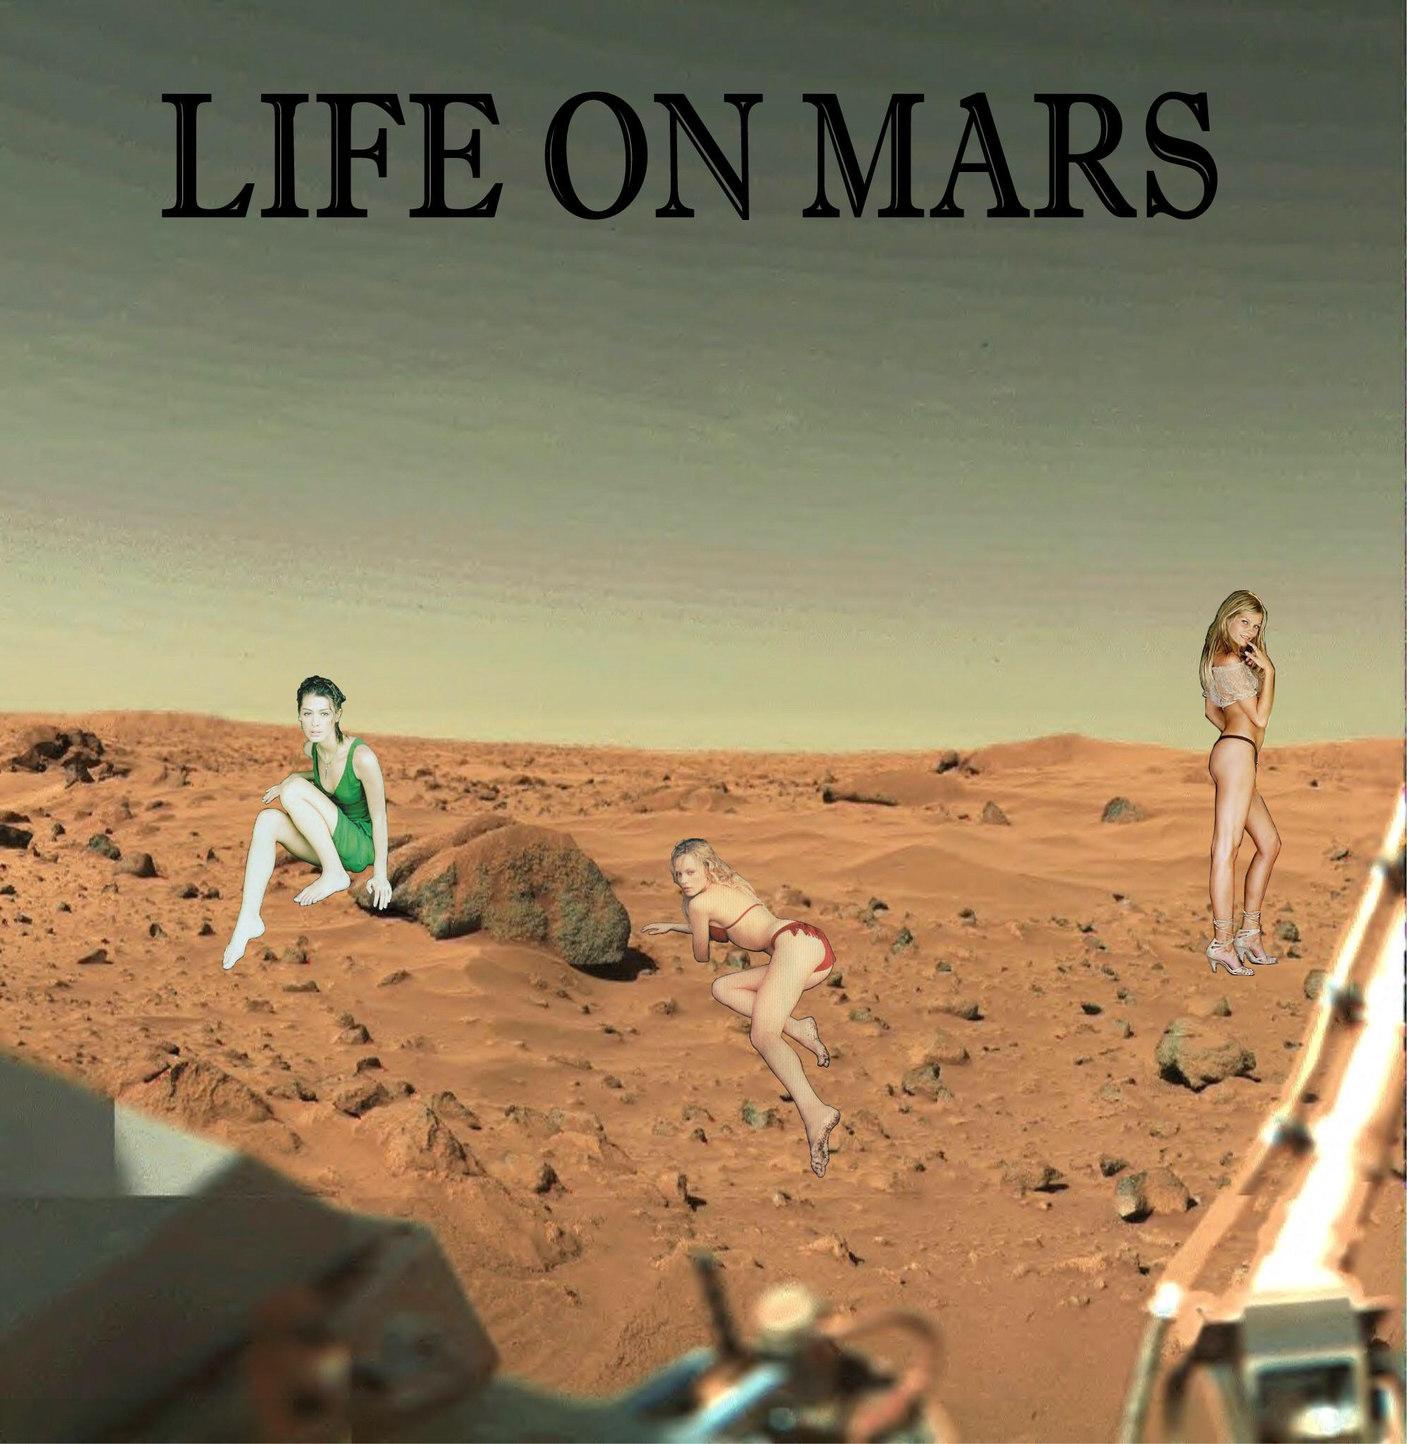 LIFE ON MARS - meme